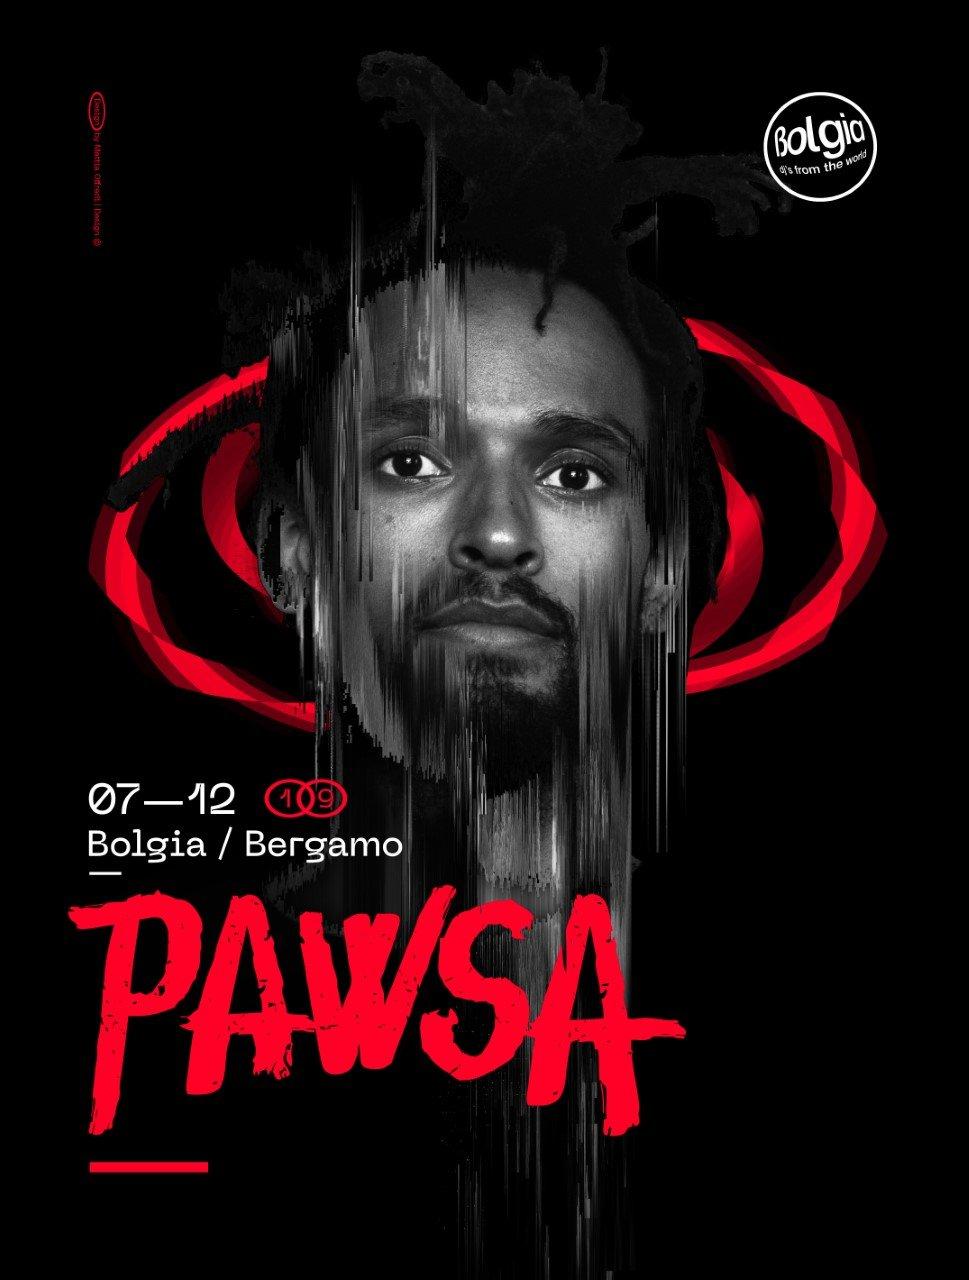 Pawsa @ Bolgia (BG)